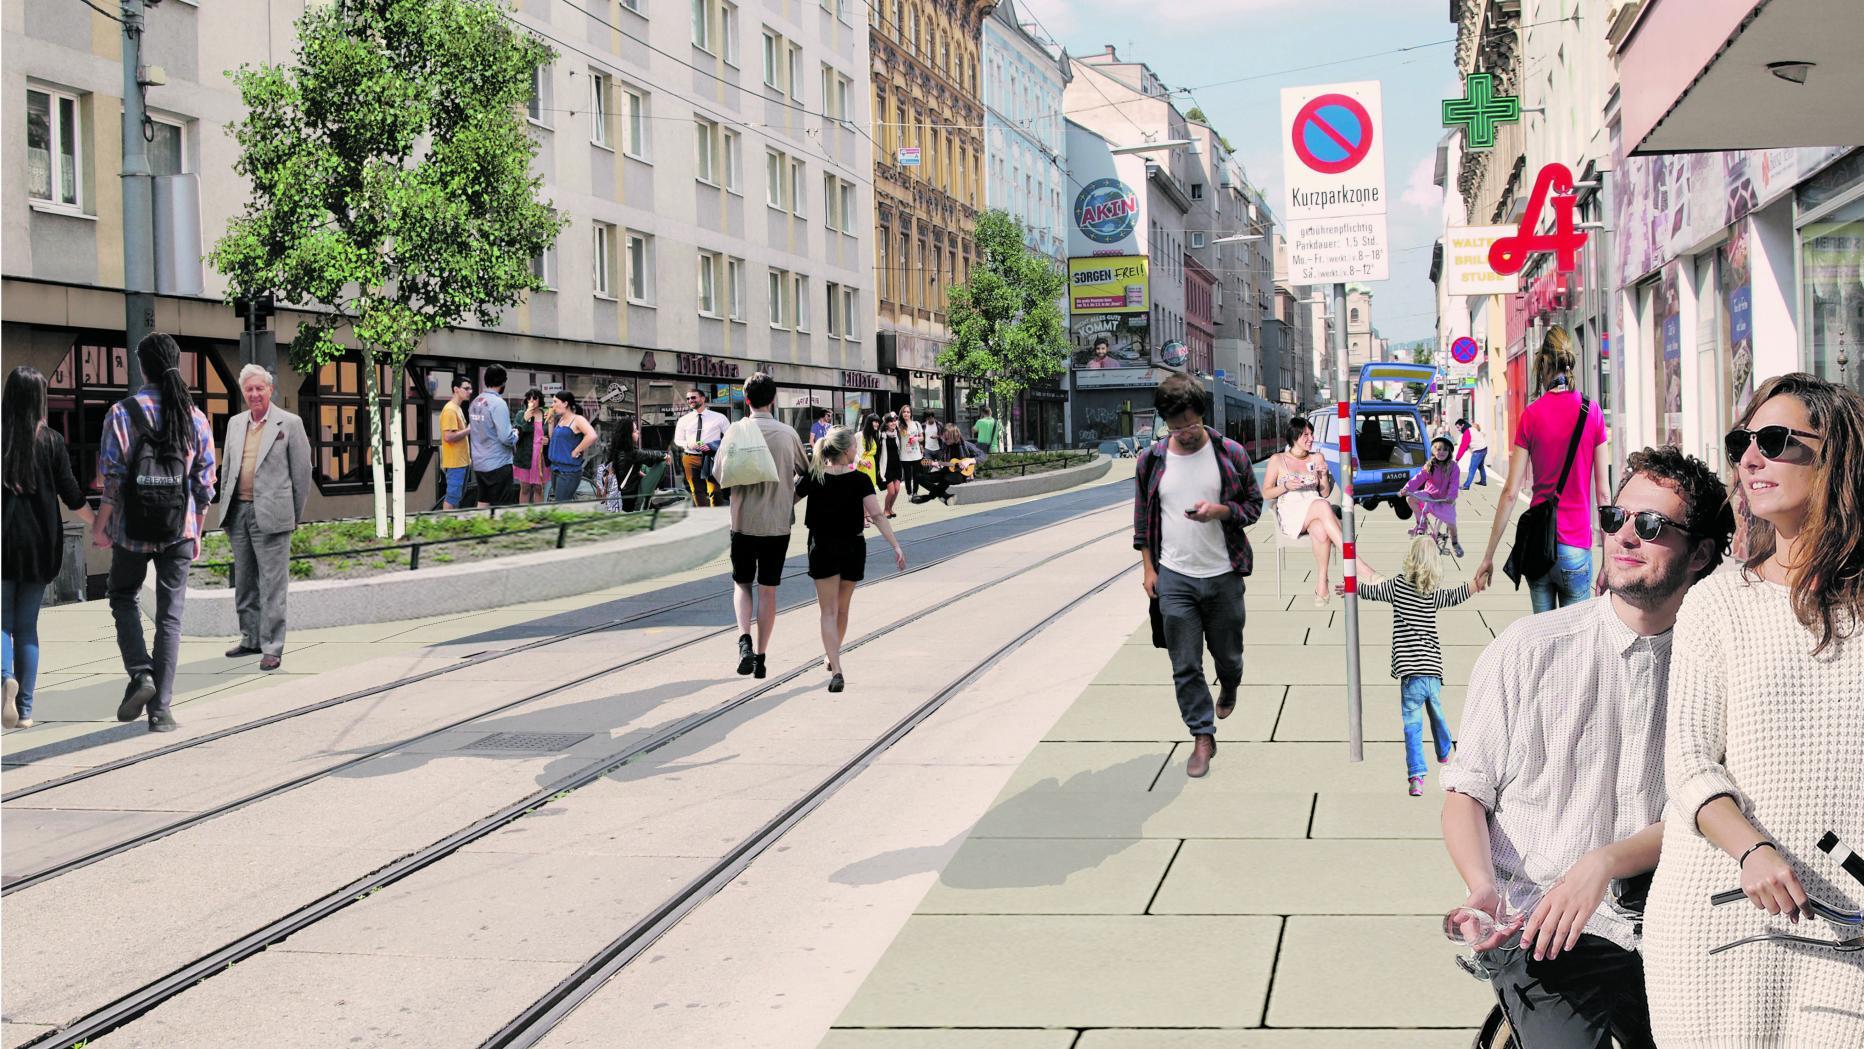 Partnersuche in Innsbruck - Kontaktanzeigen und Singles ab 50